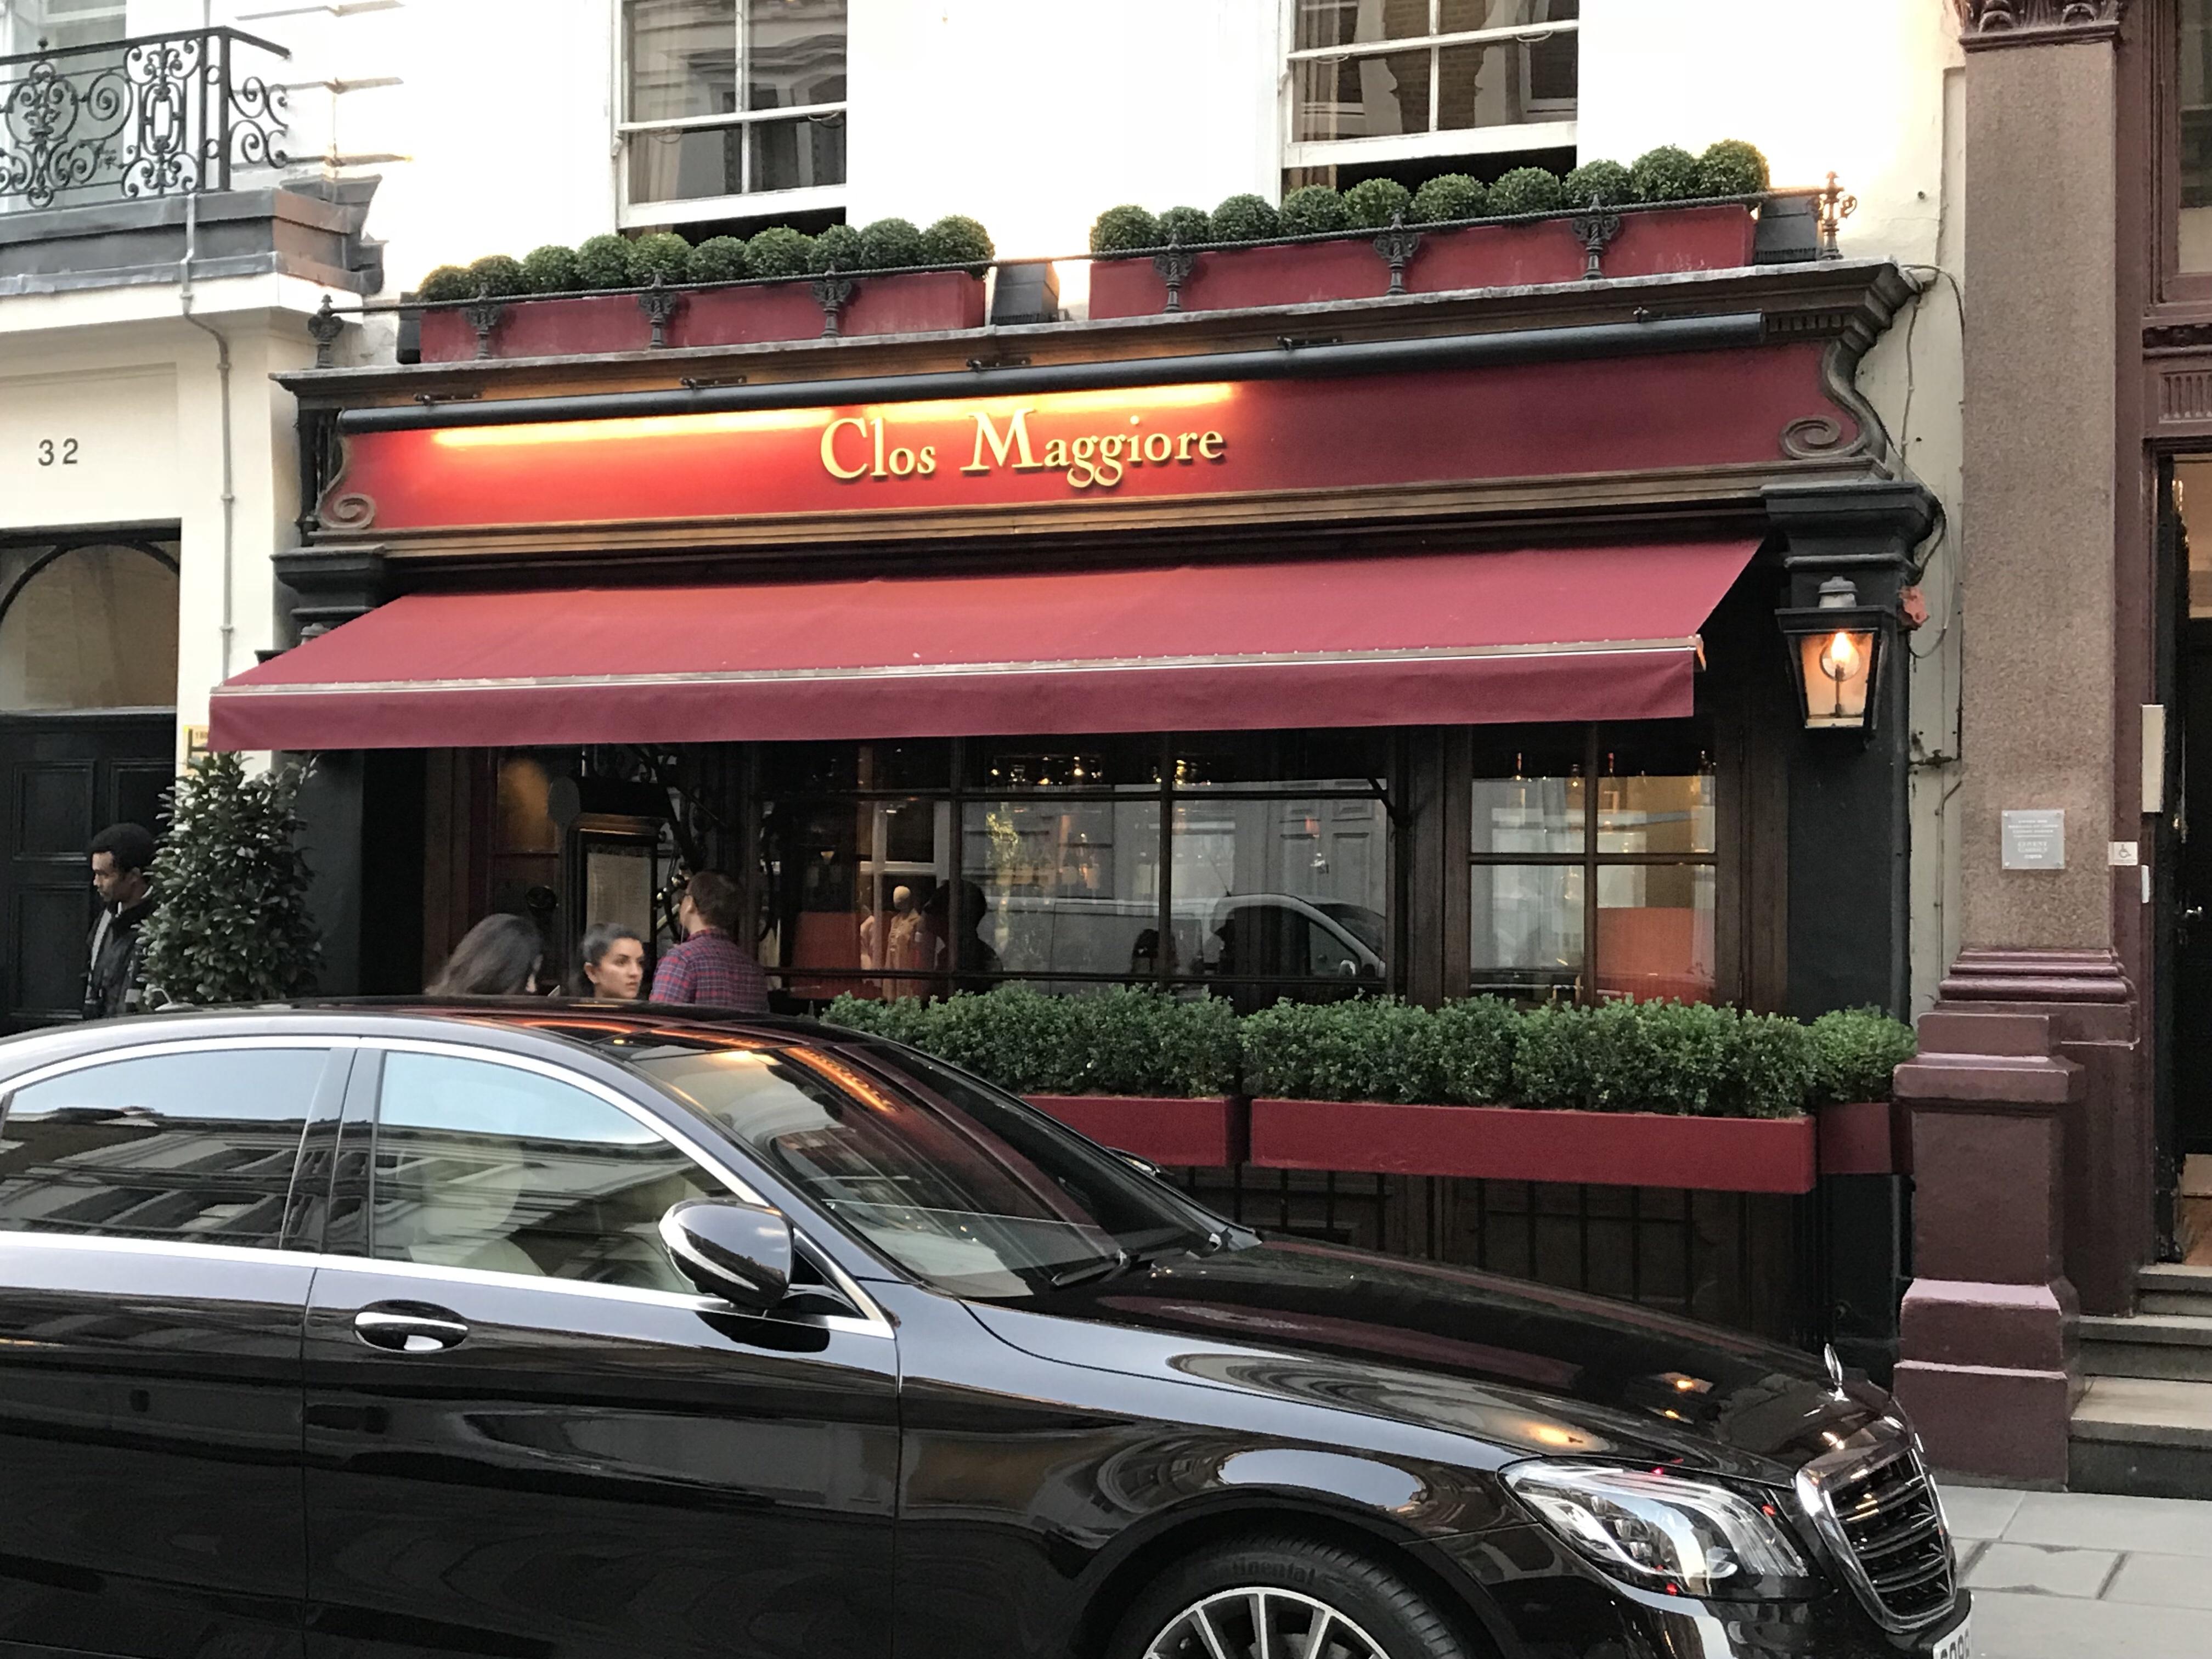 Clos Maggiore ロンドン レストラン コベントガーデン